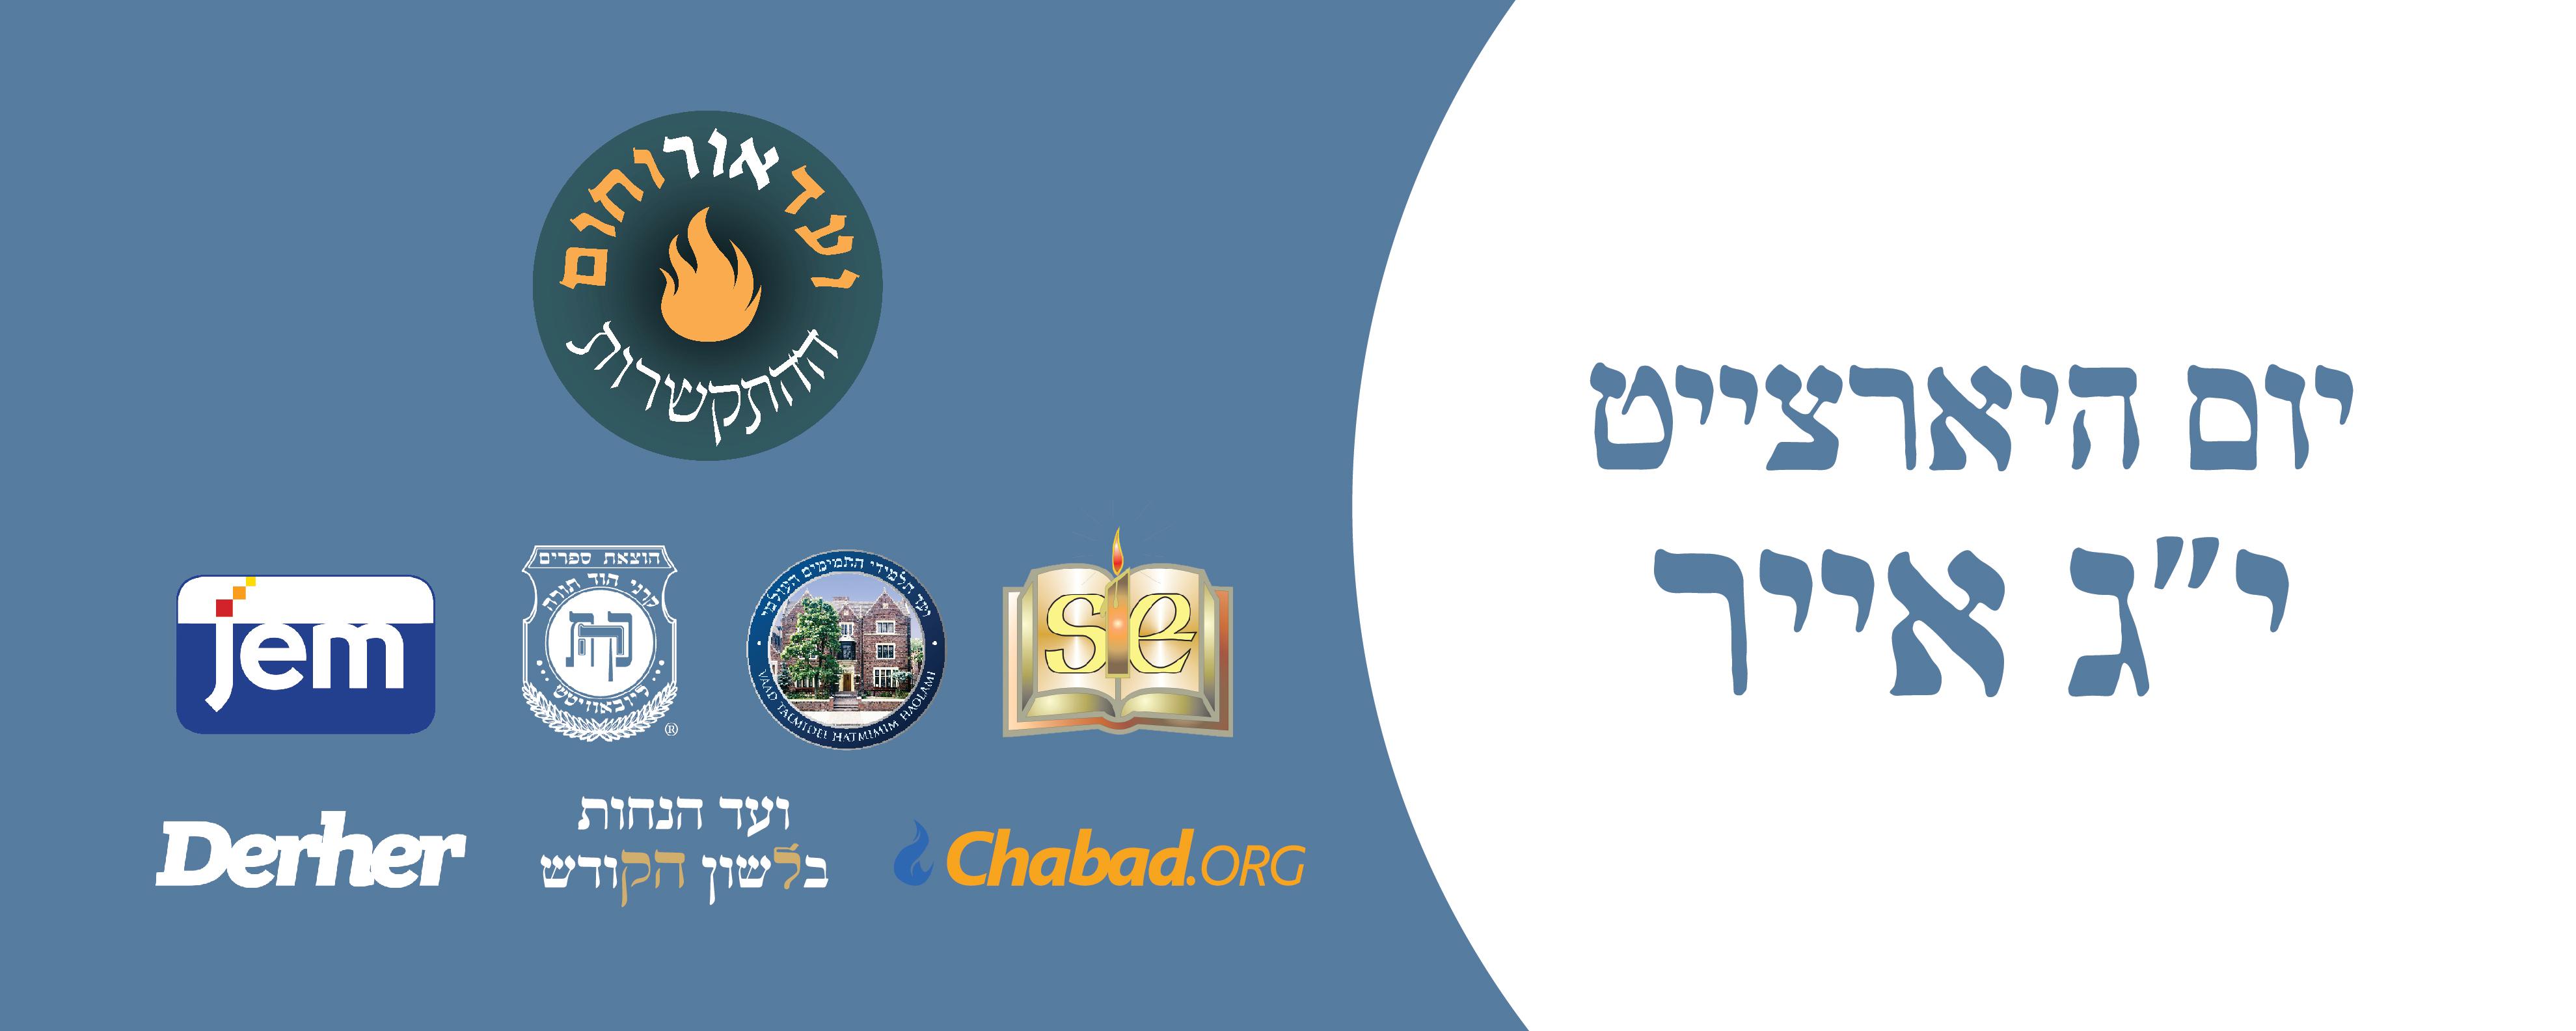 main w logos banners_950x380-13iyar-01.jpg